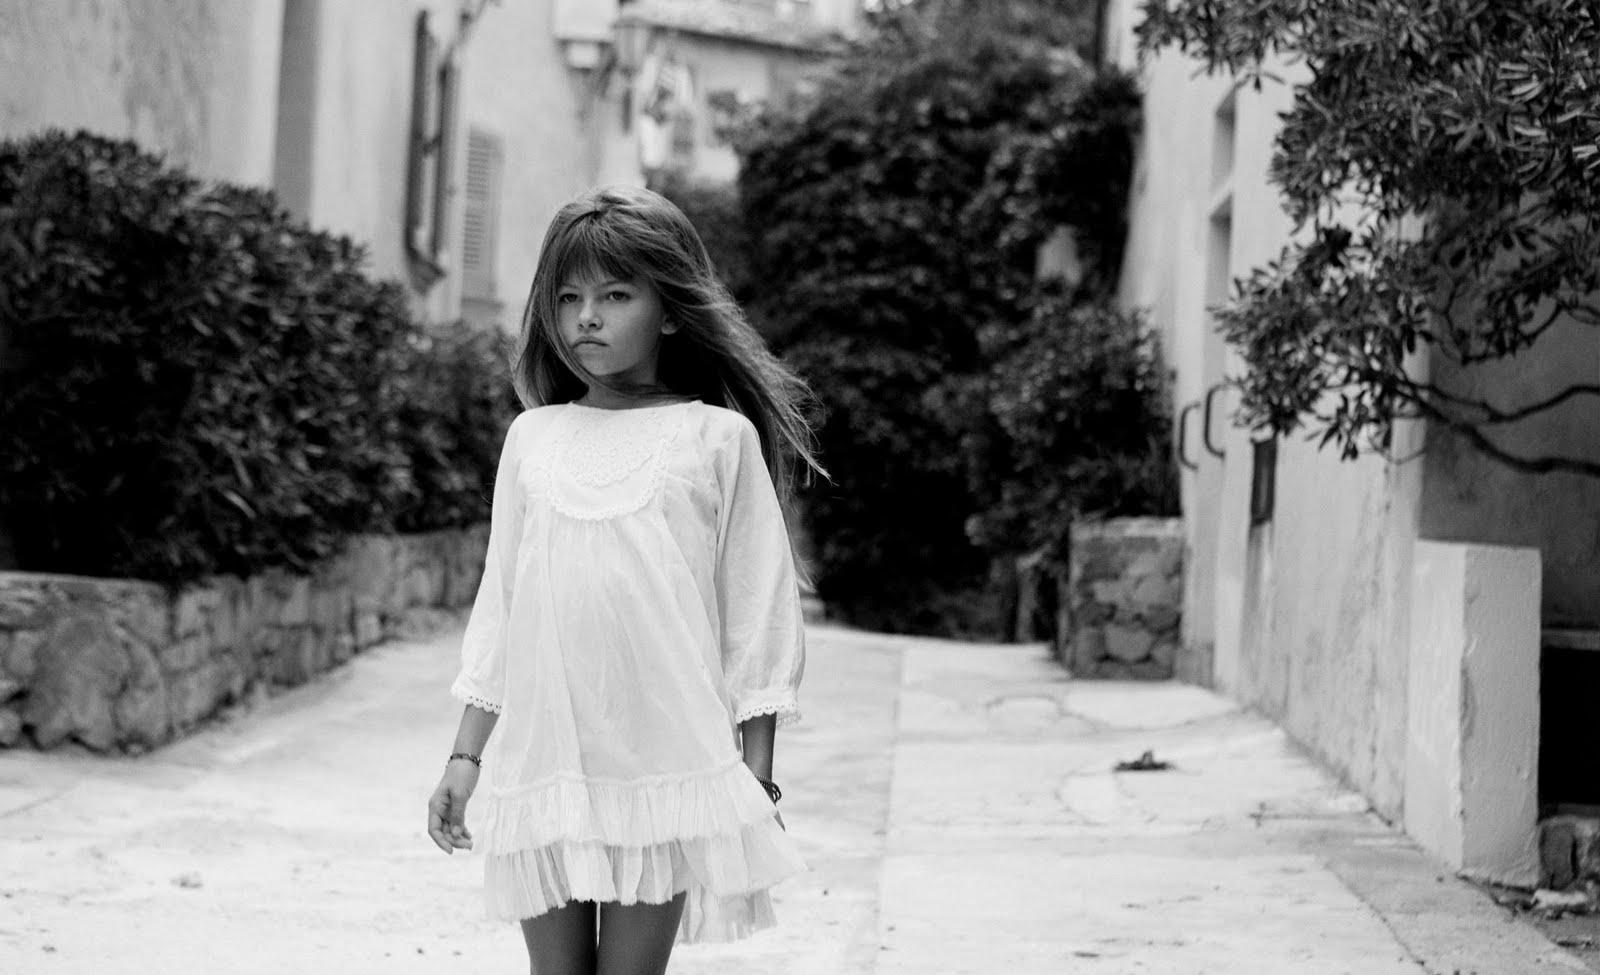 Фото эротика маленькая модель, Девочка созрела? Самые скандальные фотосессии юных 9 фотография